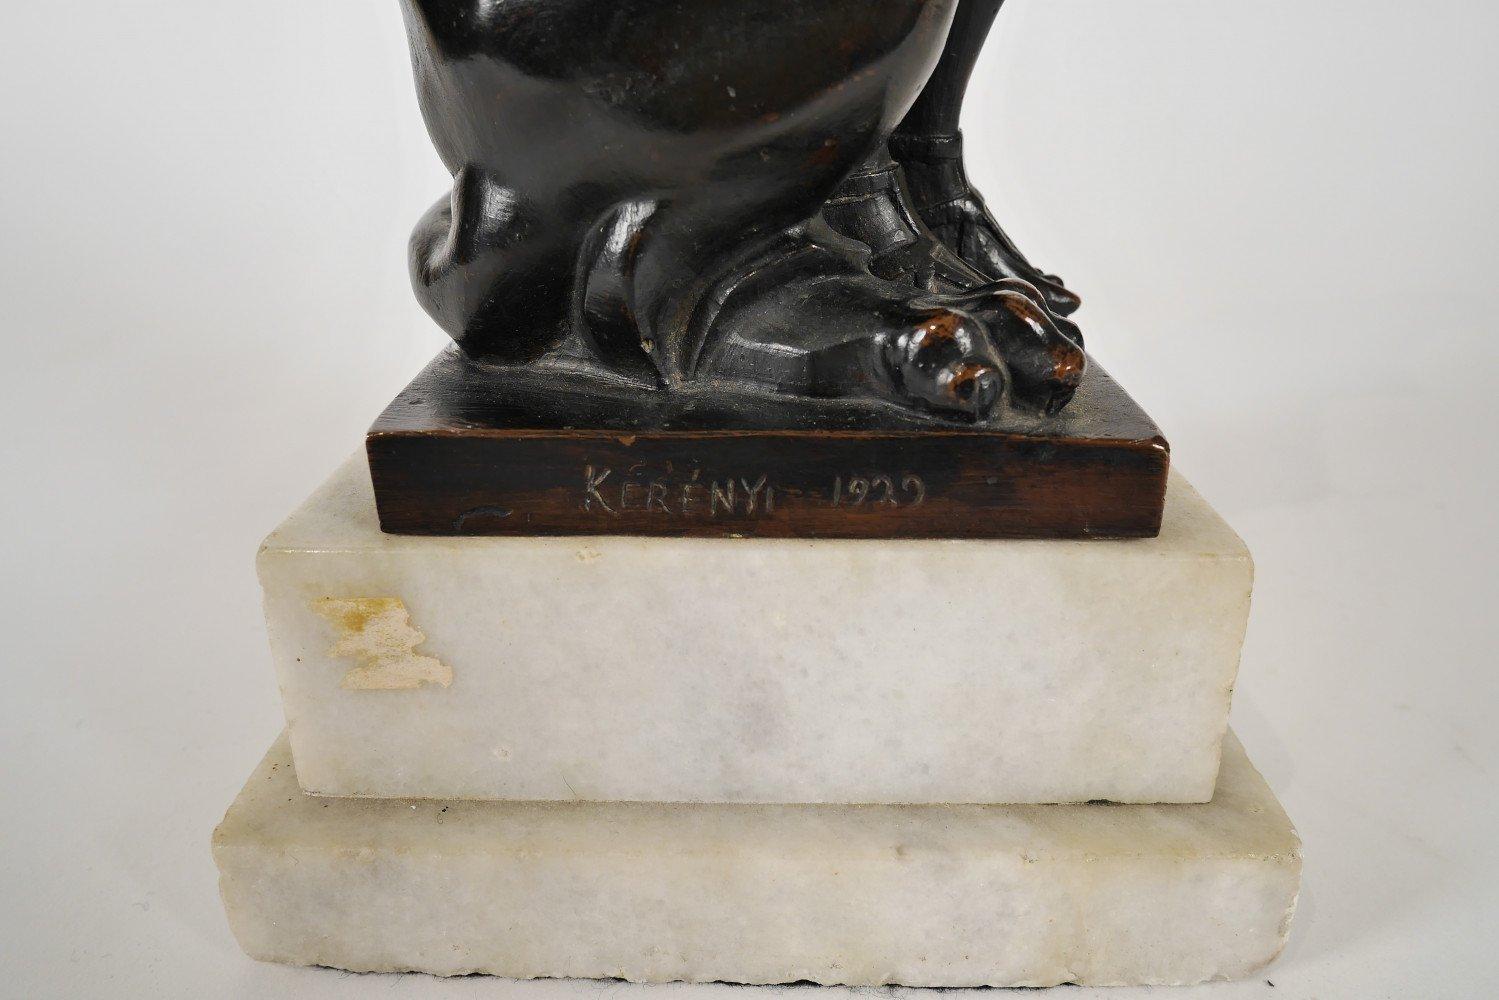 The Lion Tamer by Jenő Kerényi